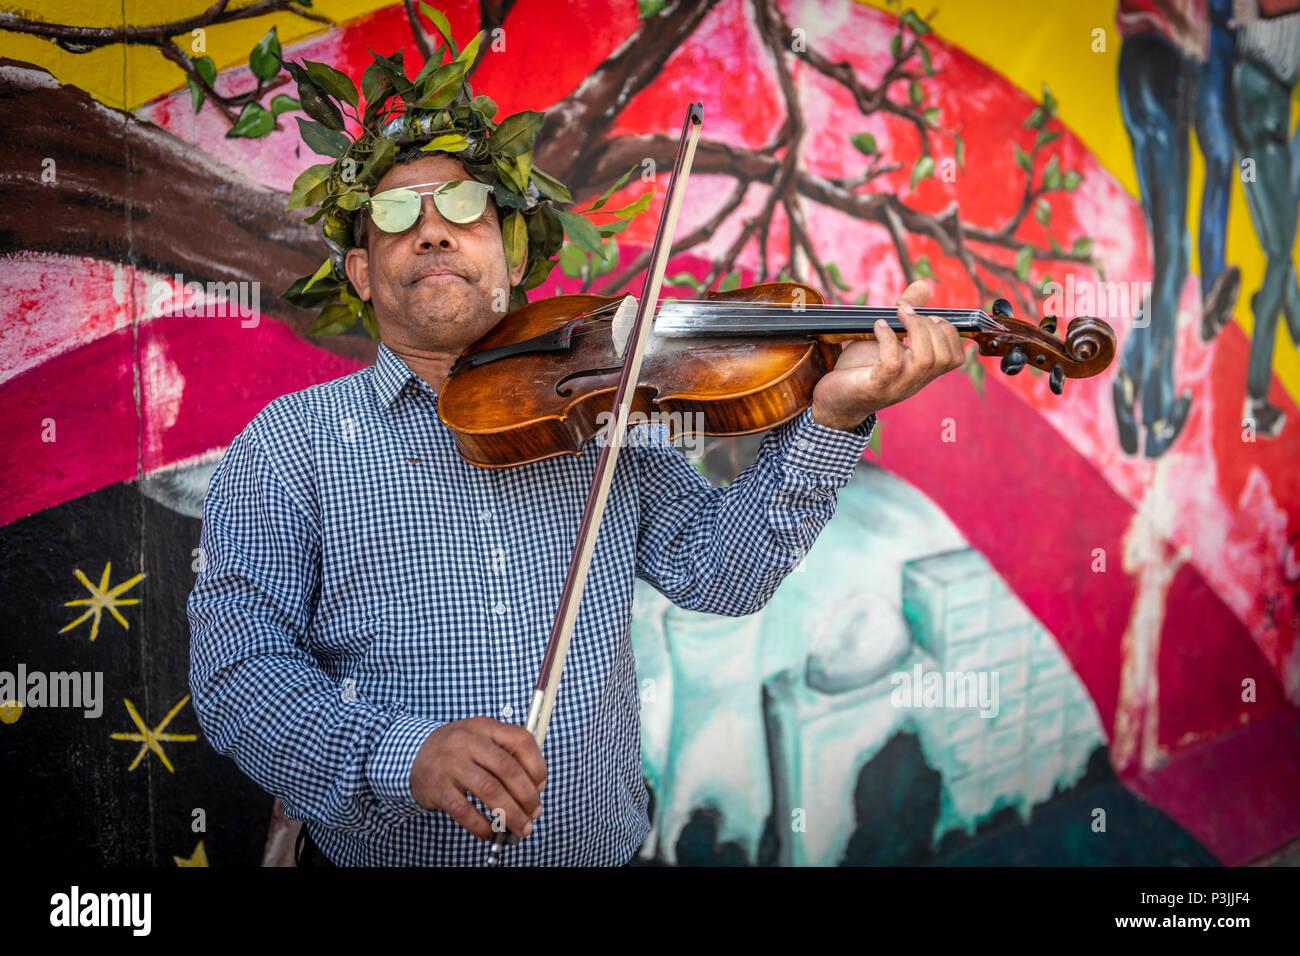 Un musicien ambulant divertit les touristes sur le site du Mur de Berlin, en ex-Allemagne de l'Est. Banque D'Images